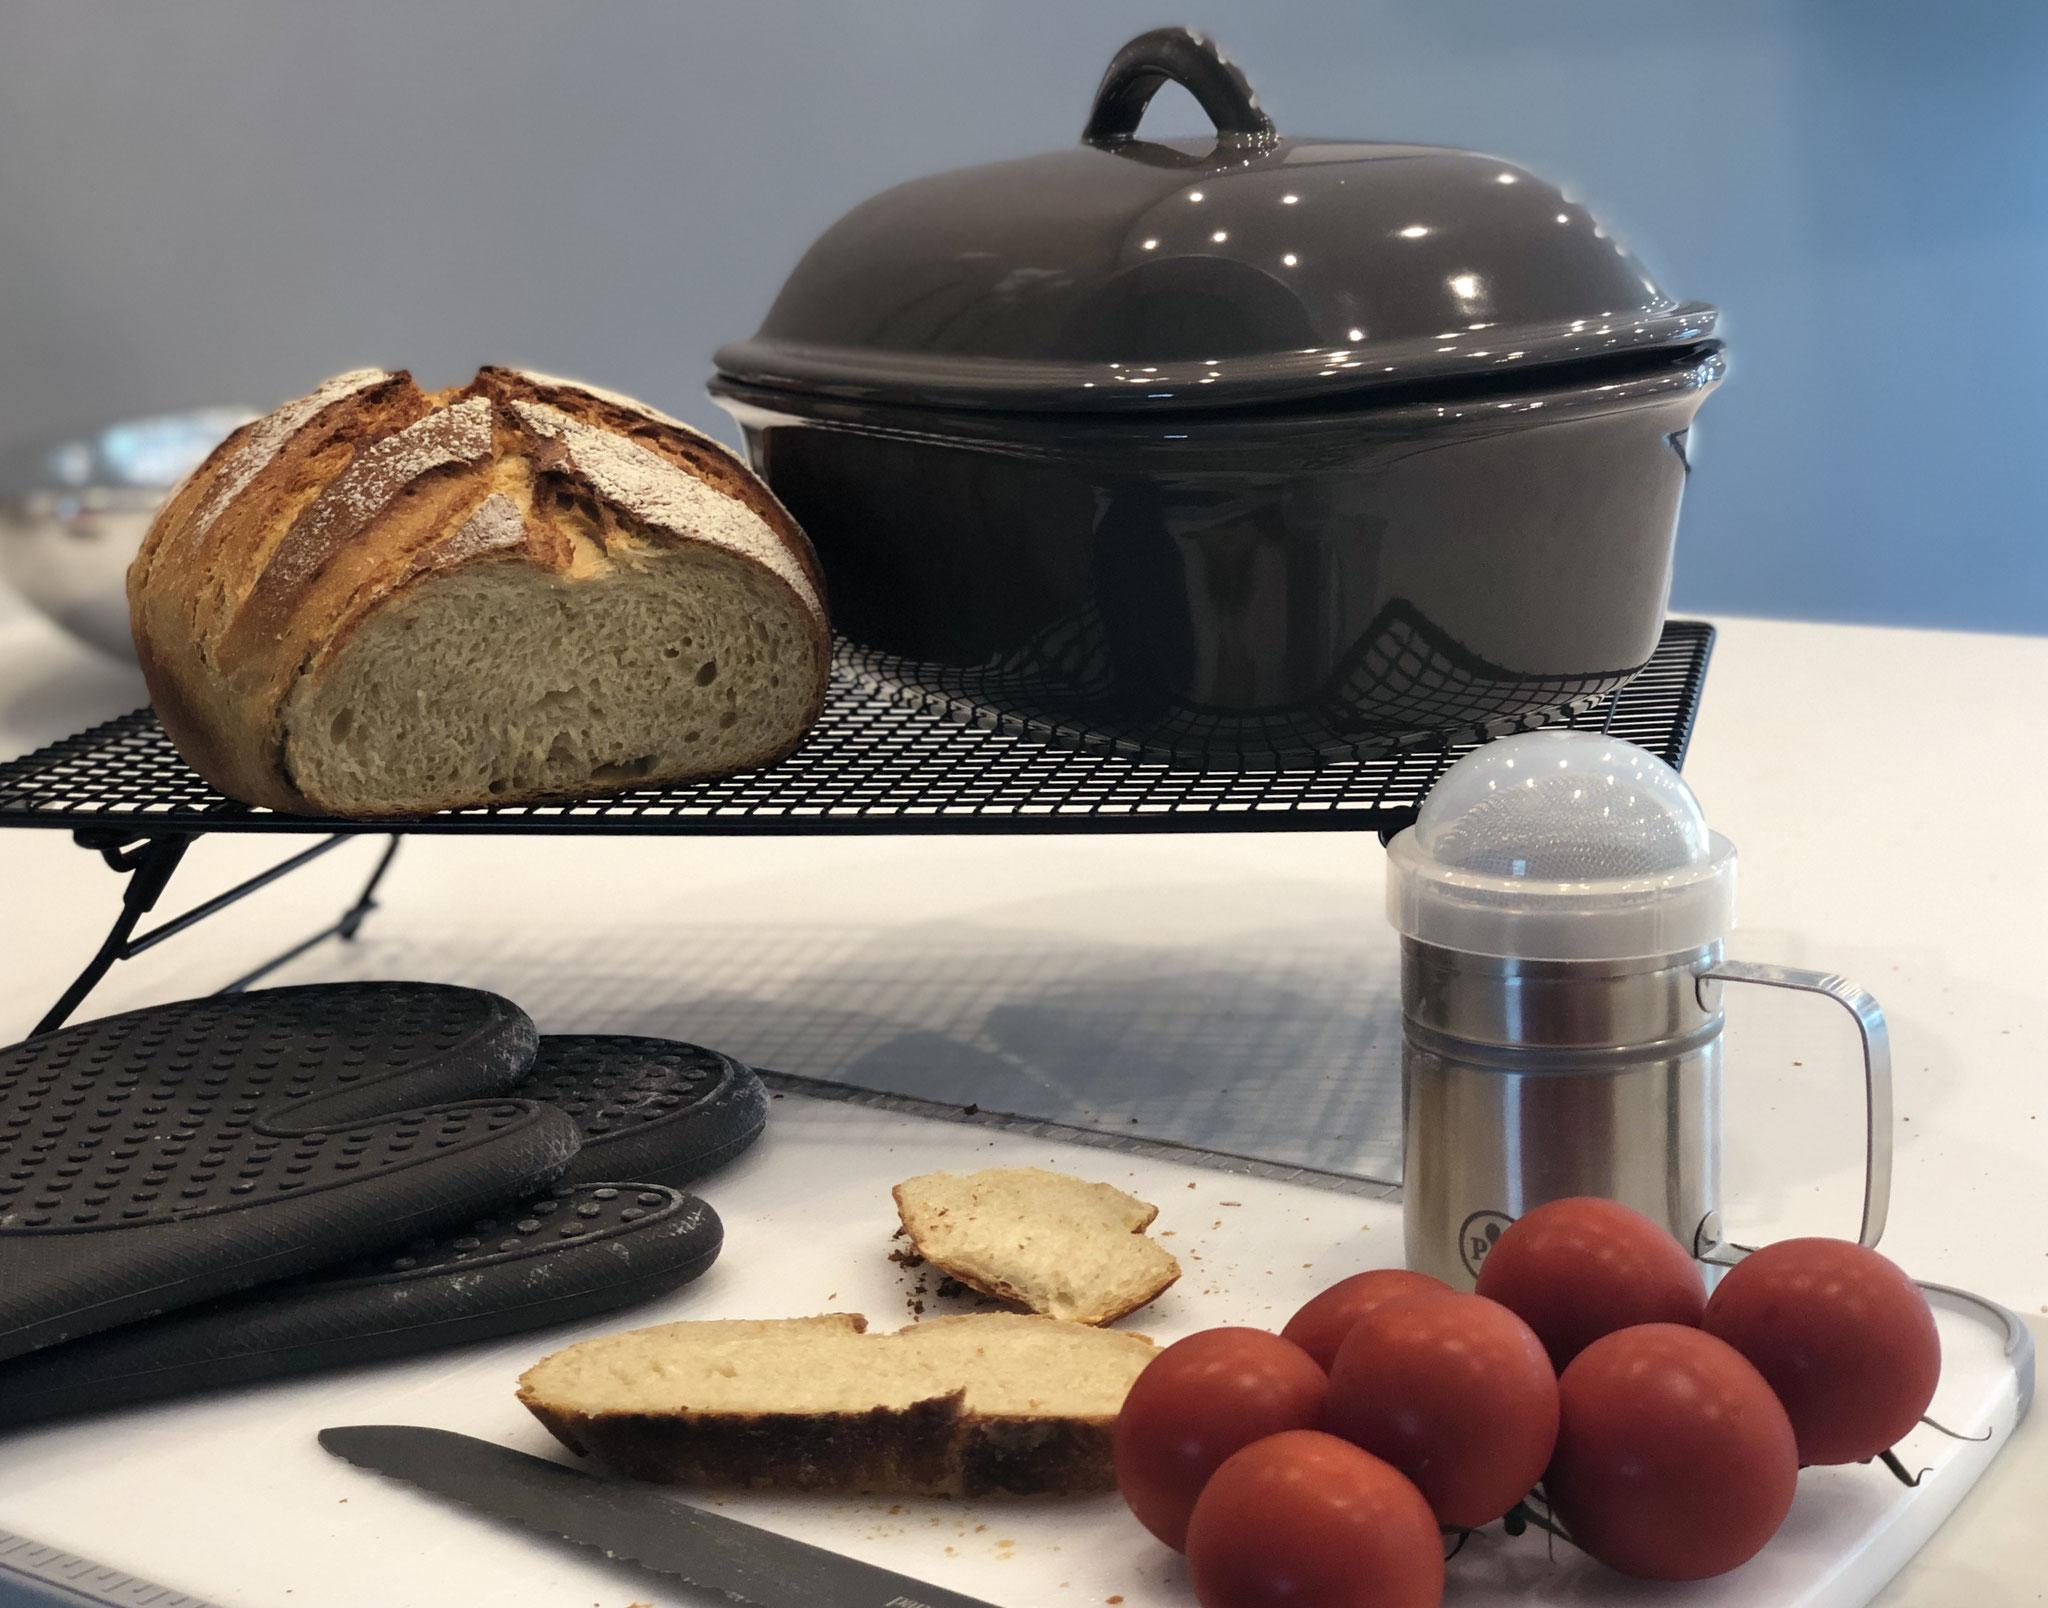 Schau dir ein meinem Onlineshop auch die Brotliebe (früher Brotbackliebe) an, die Brotliebe ist ein Set Angebot von Pampered Chef